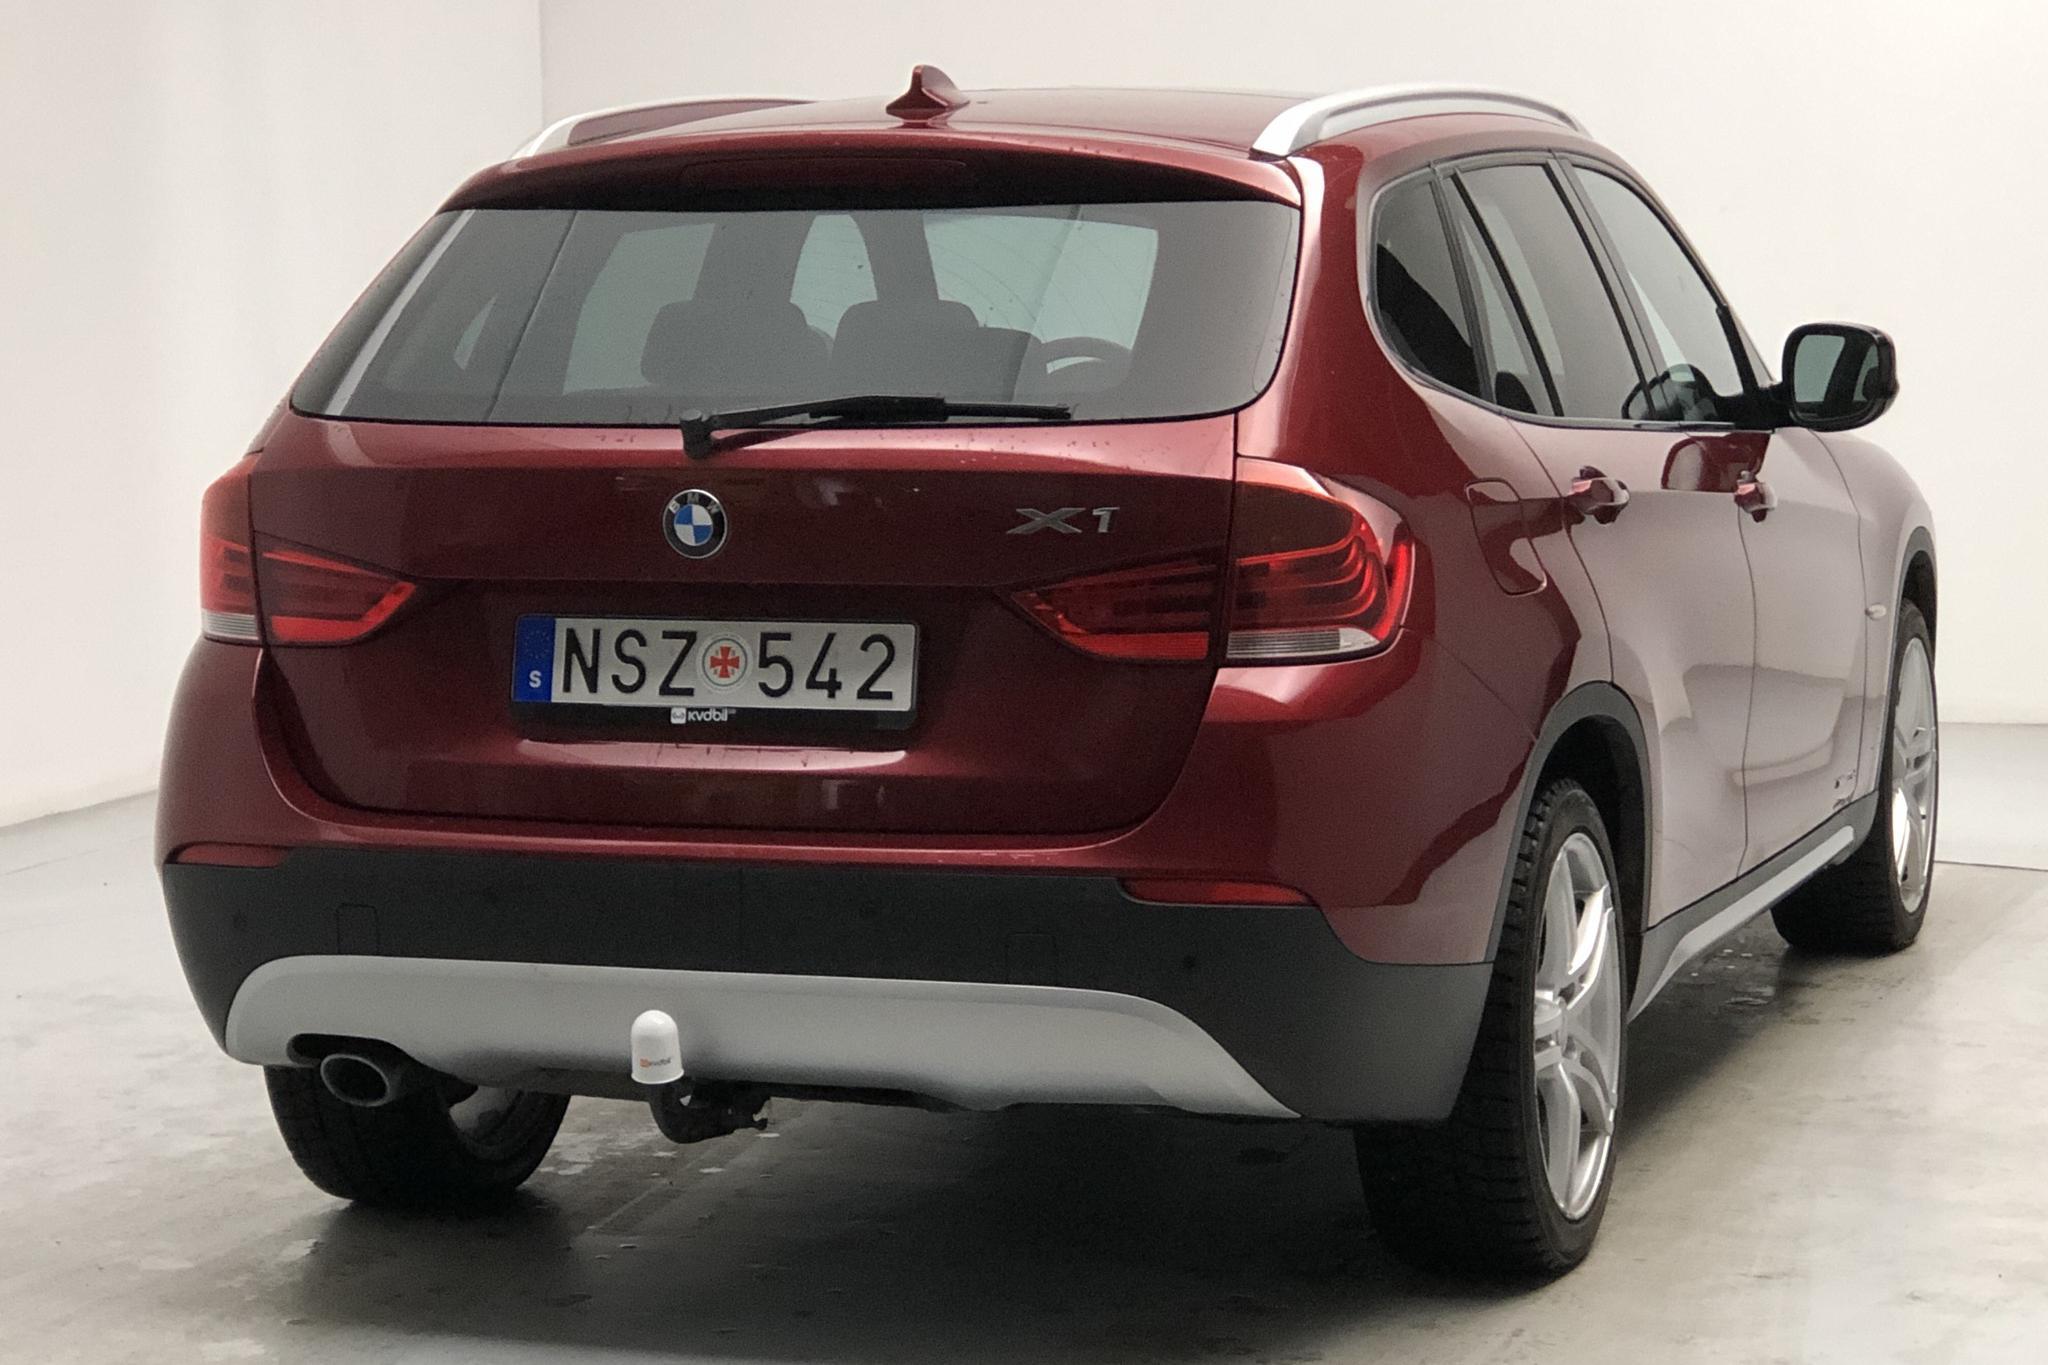 BMW X1 xDrive23d, E84 (204hk) - 89 550 km - Automatic - red - 2011